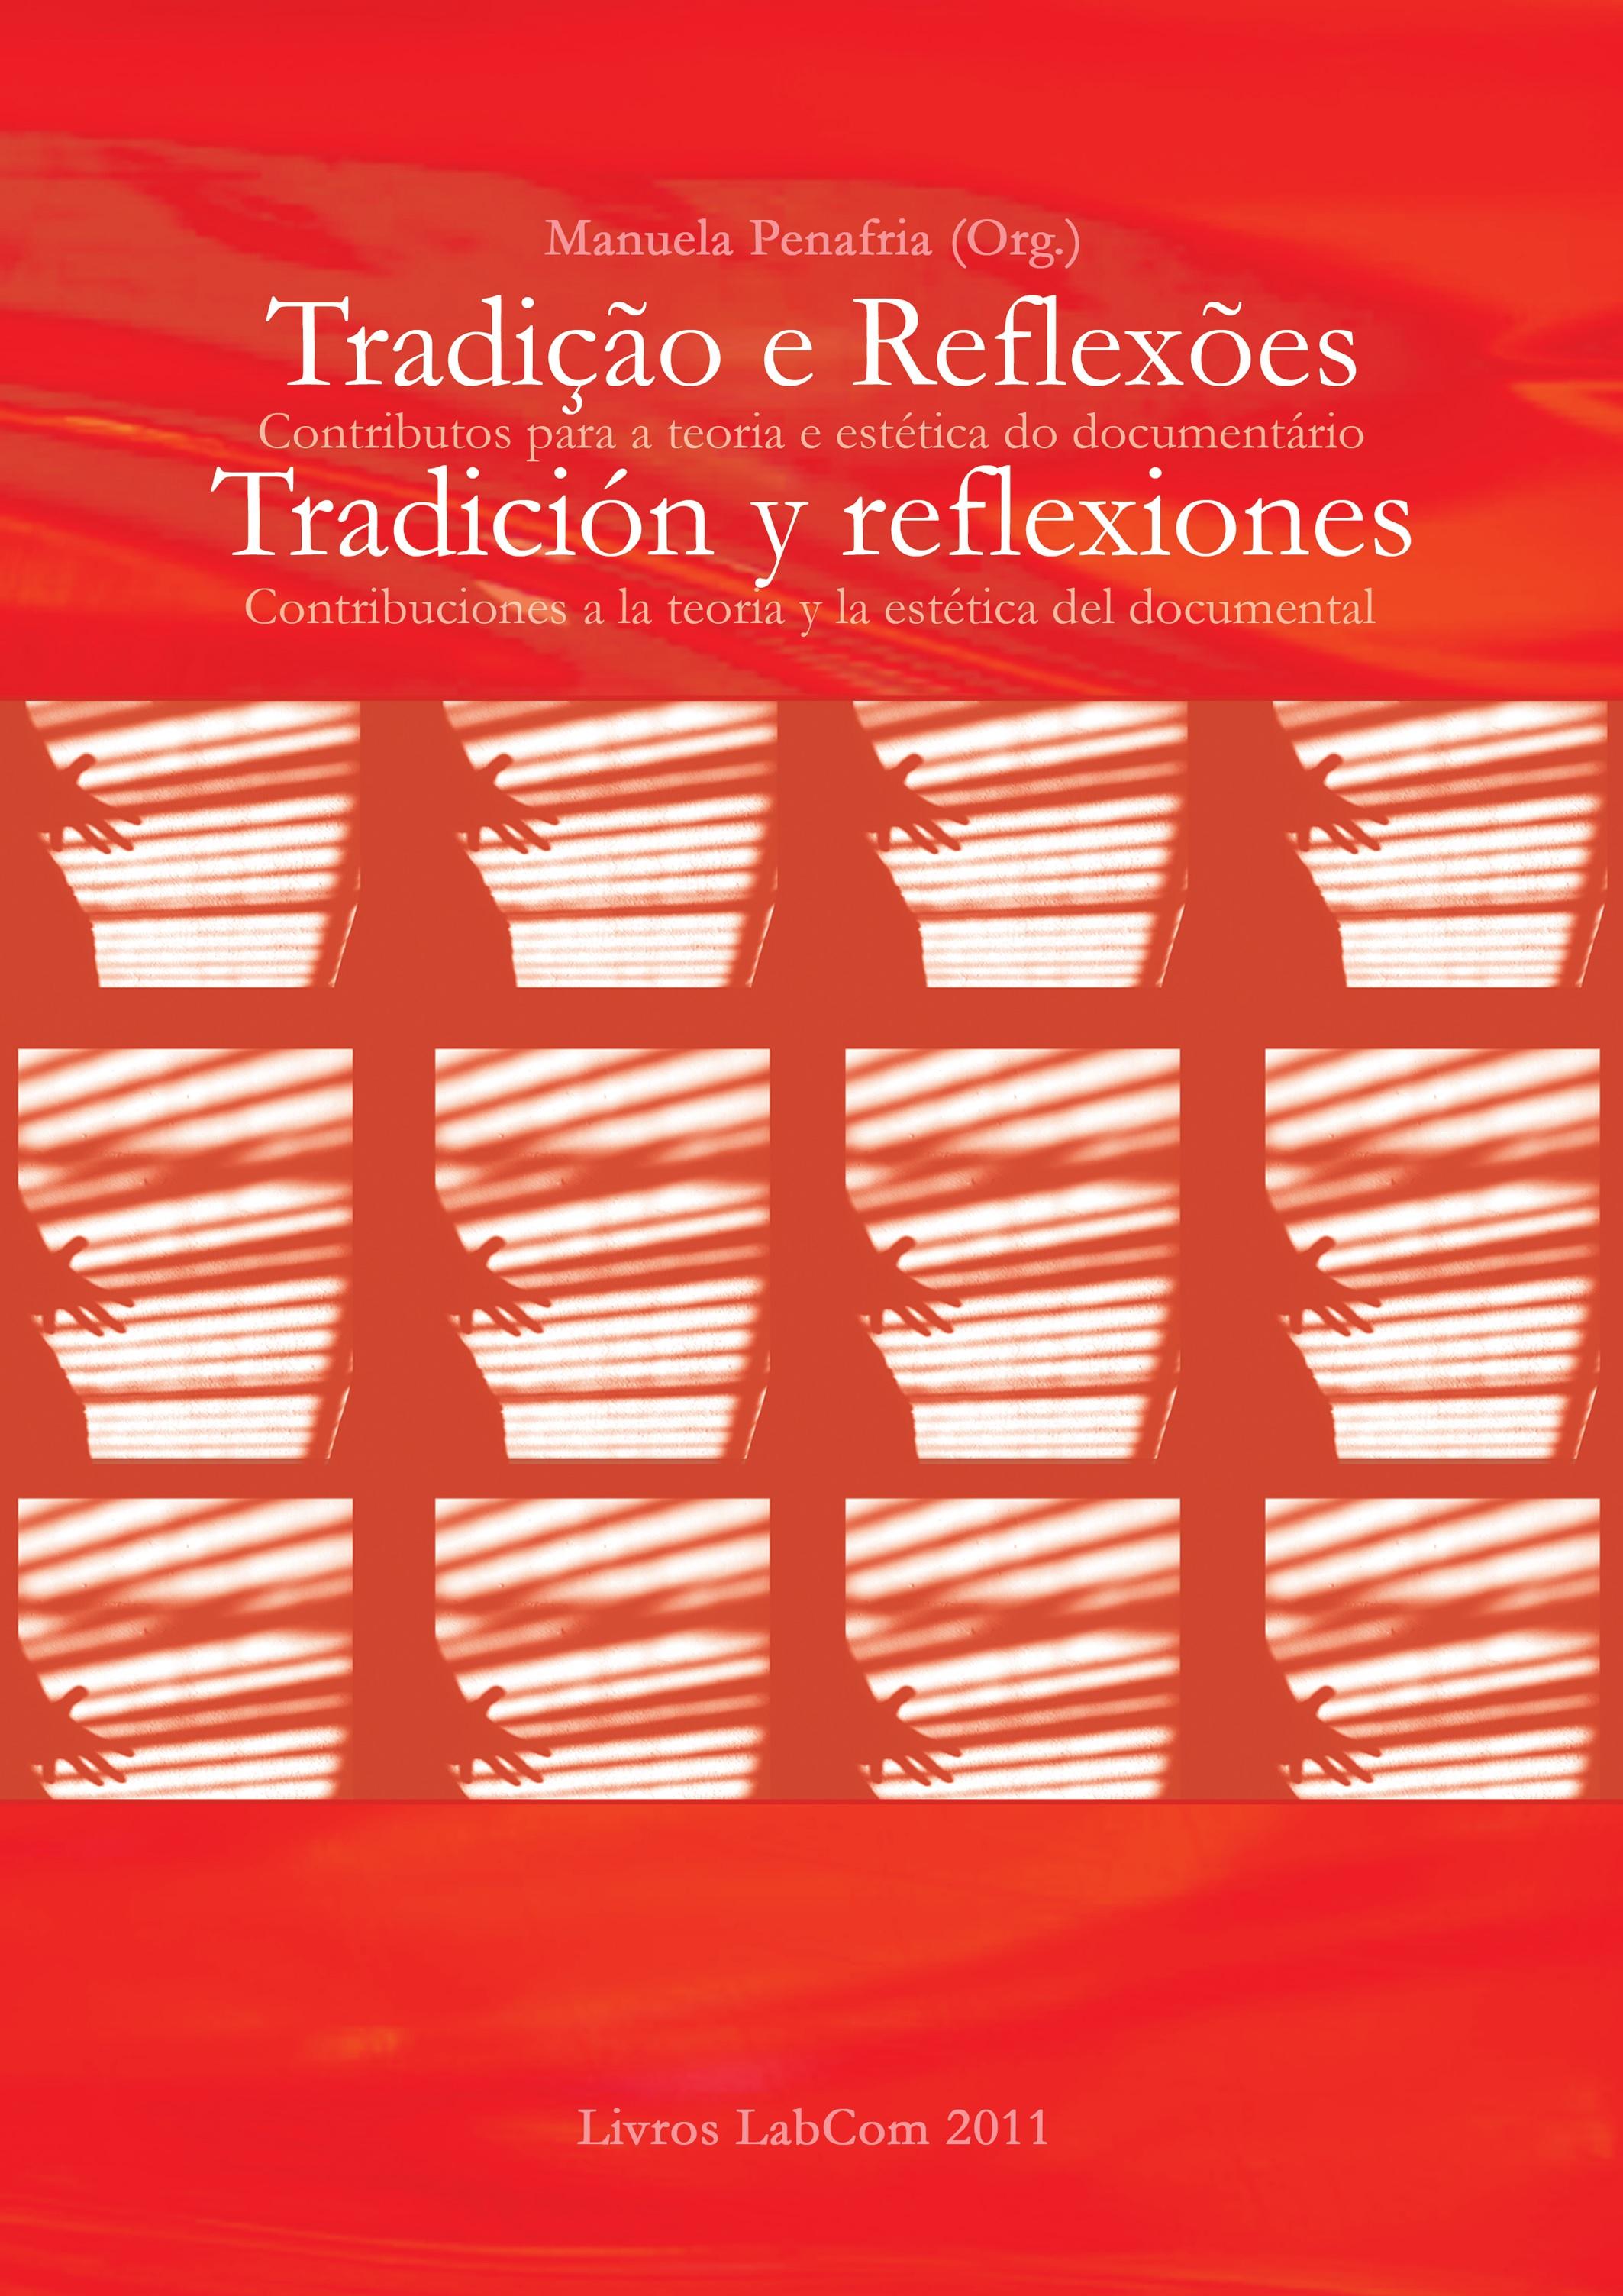 tradiciones y reflexiones